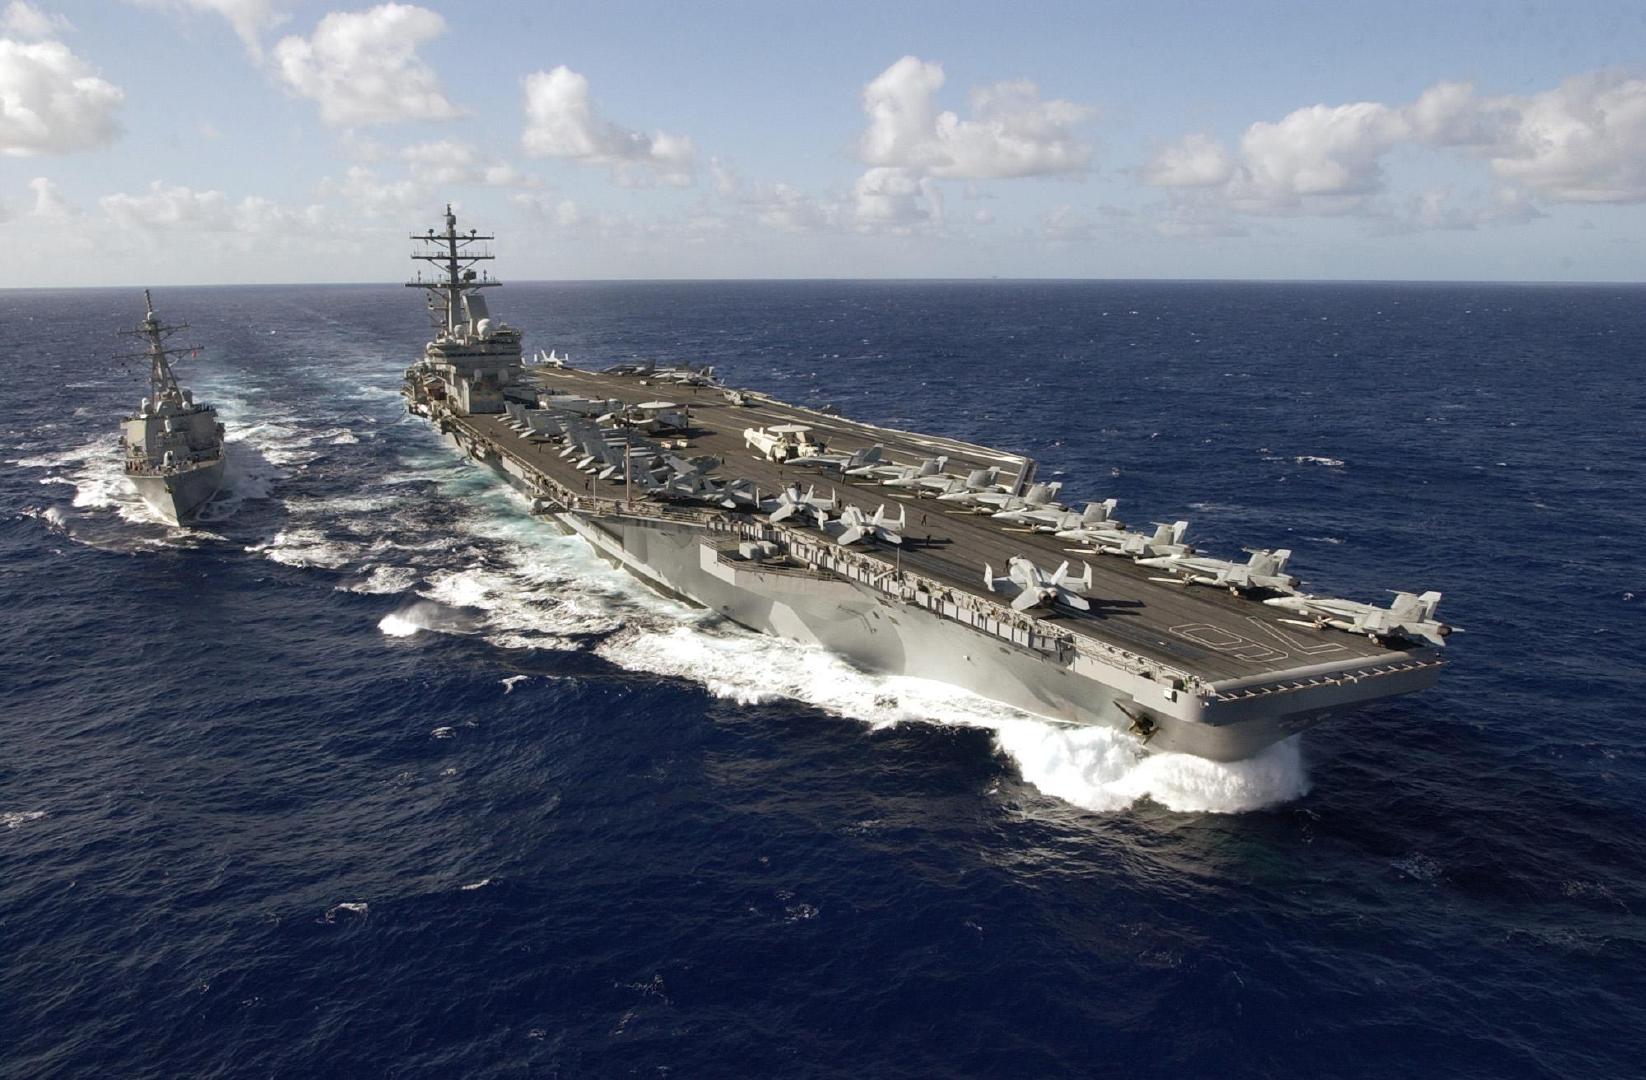 妄图阻碍我国统一进程?美军中将放狠话:中国不敢承担武统的代价